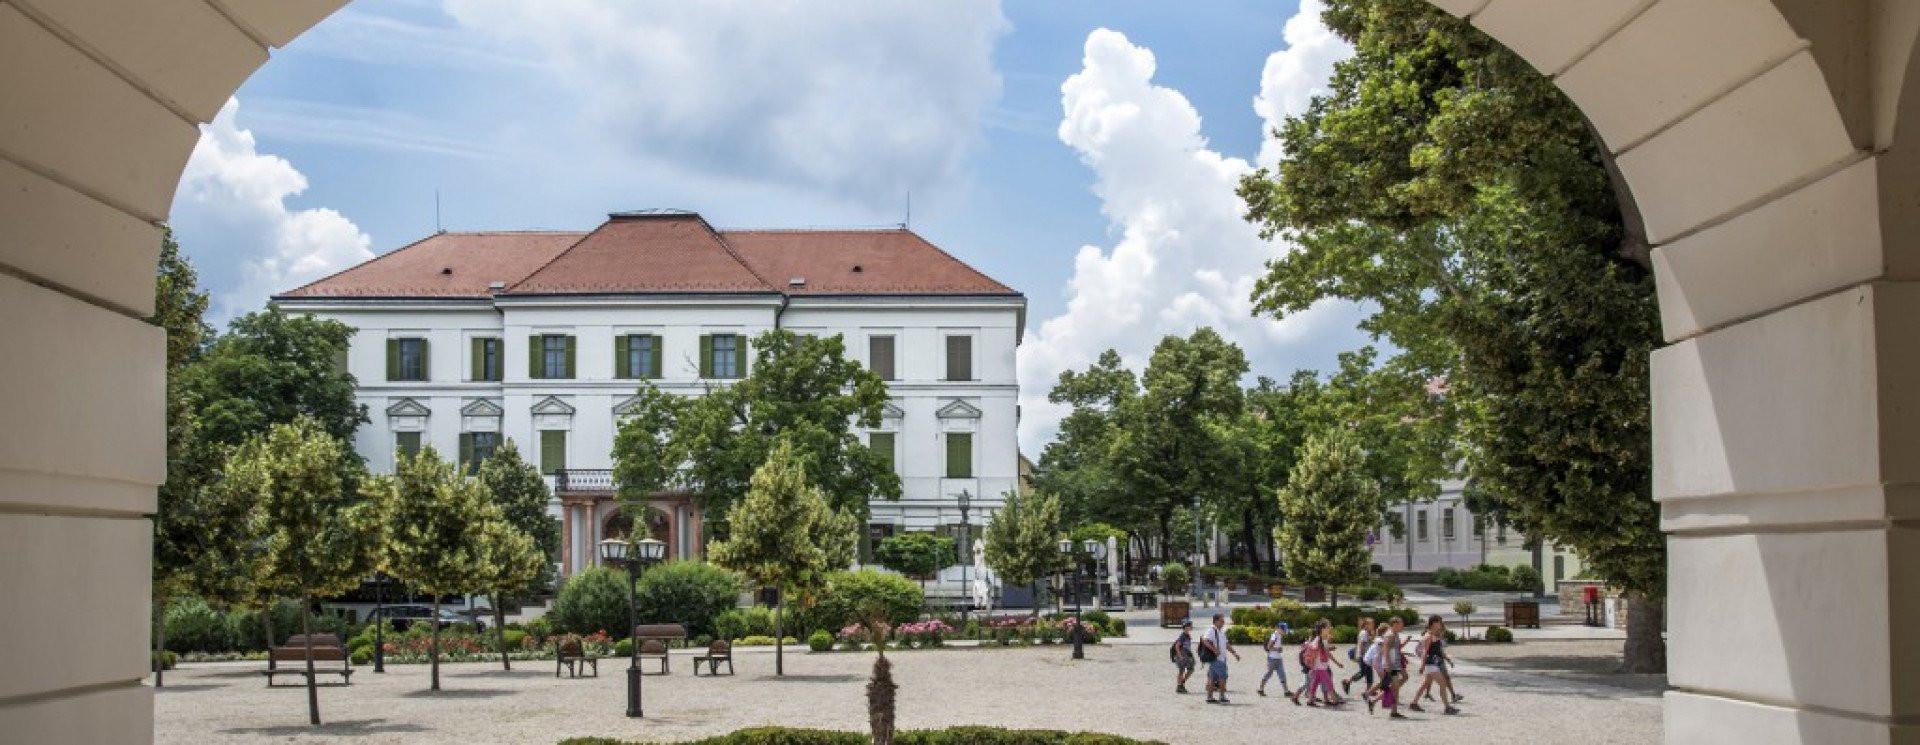 Balatonfüred belváros.jpg